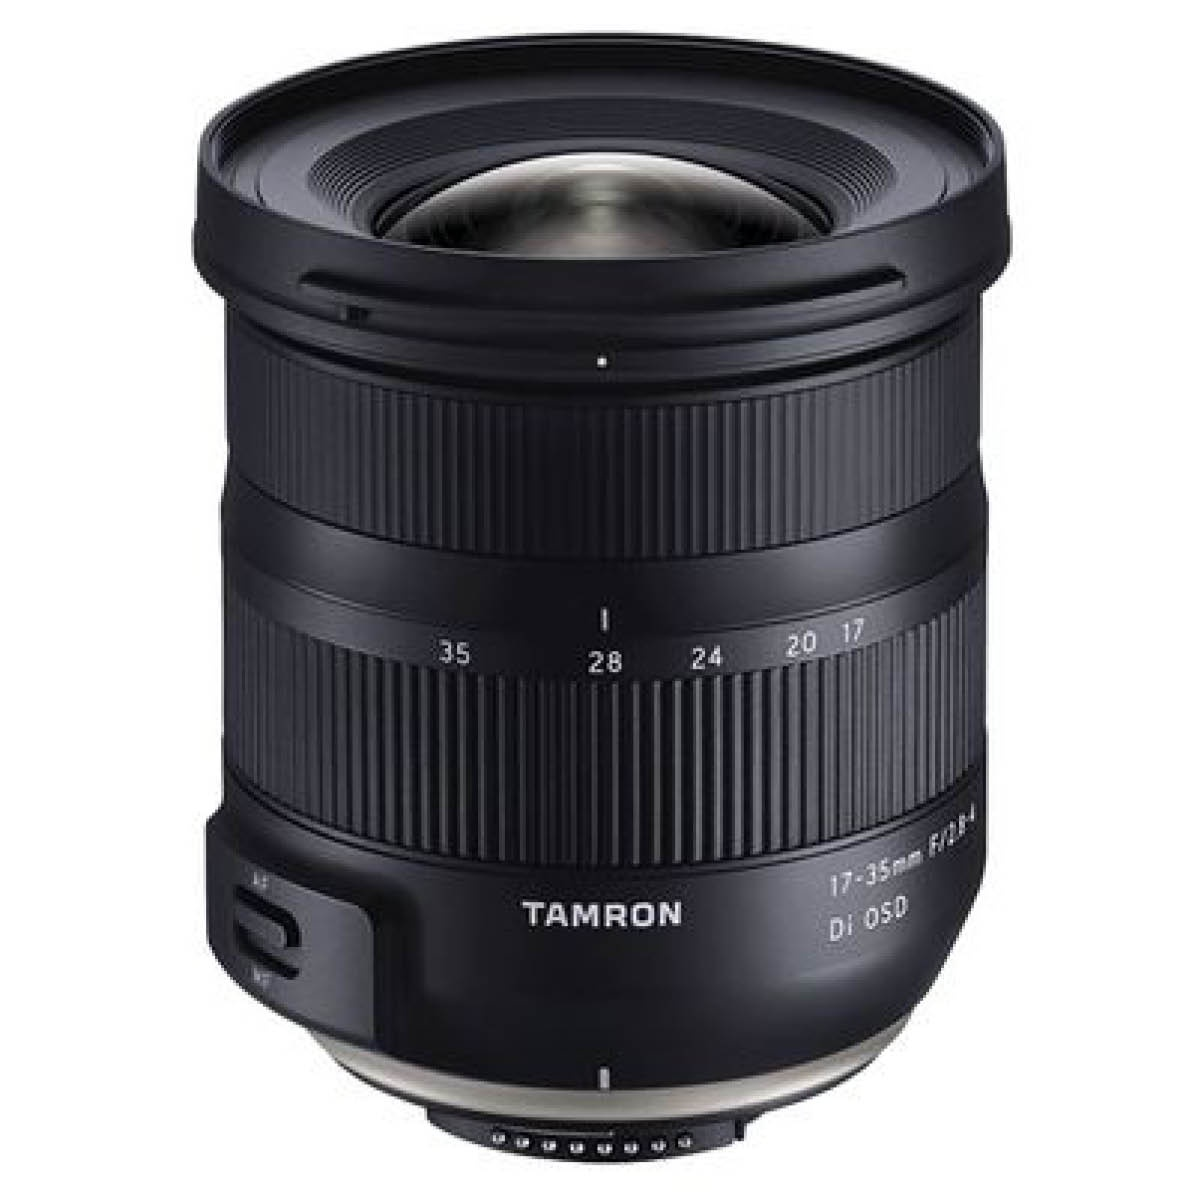 Tamron 17-35 mm 1:2,8-4,0 Di OSD FX